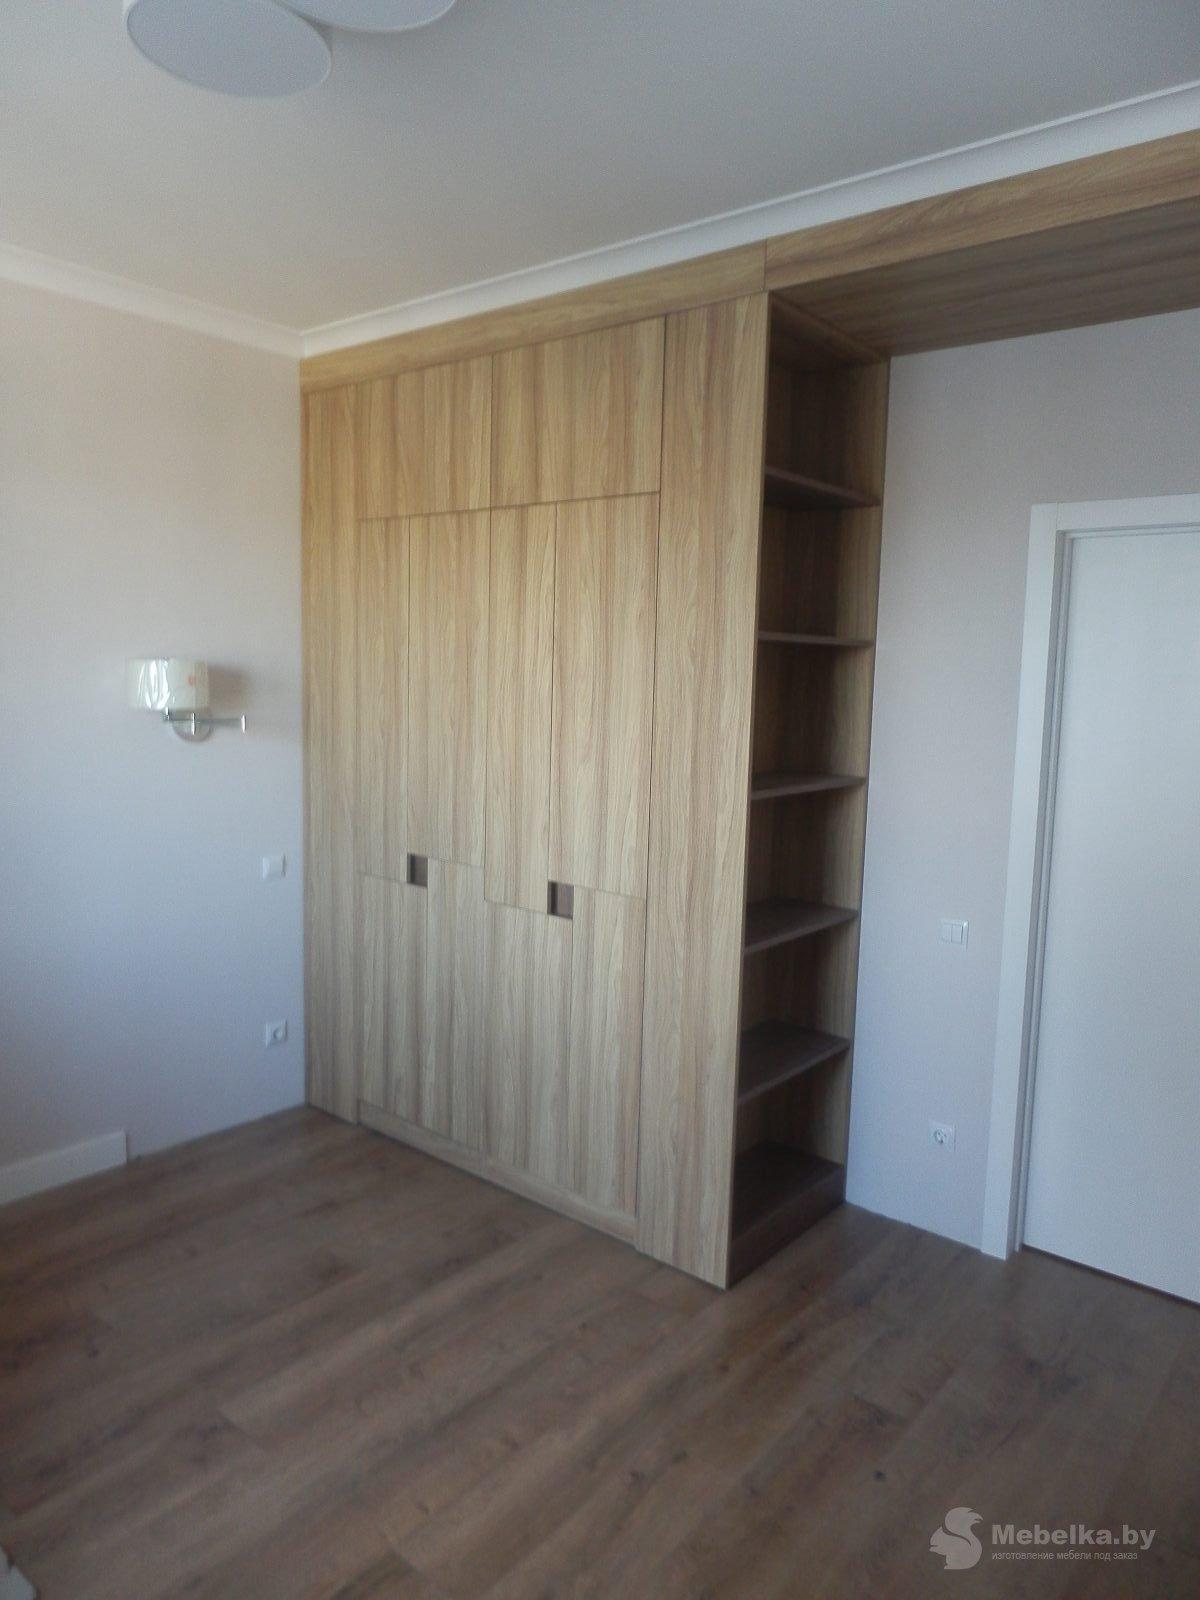 Шкаф без ручек с открытыми нишами, второй вид